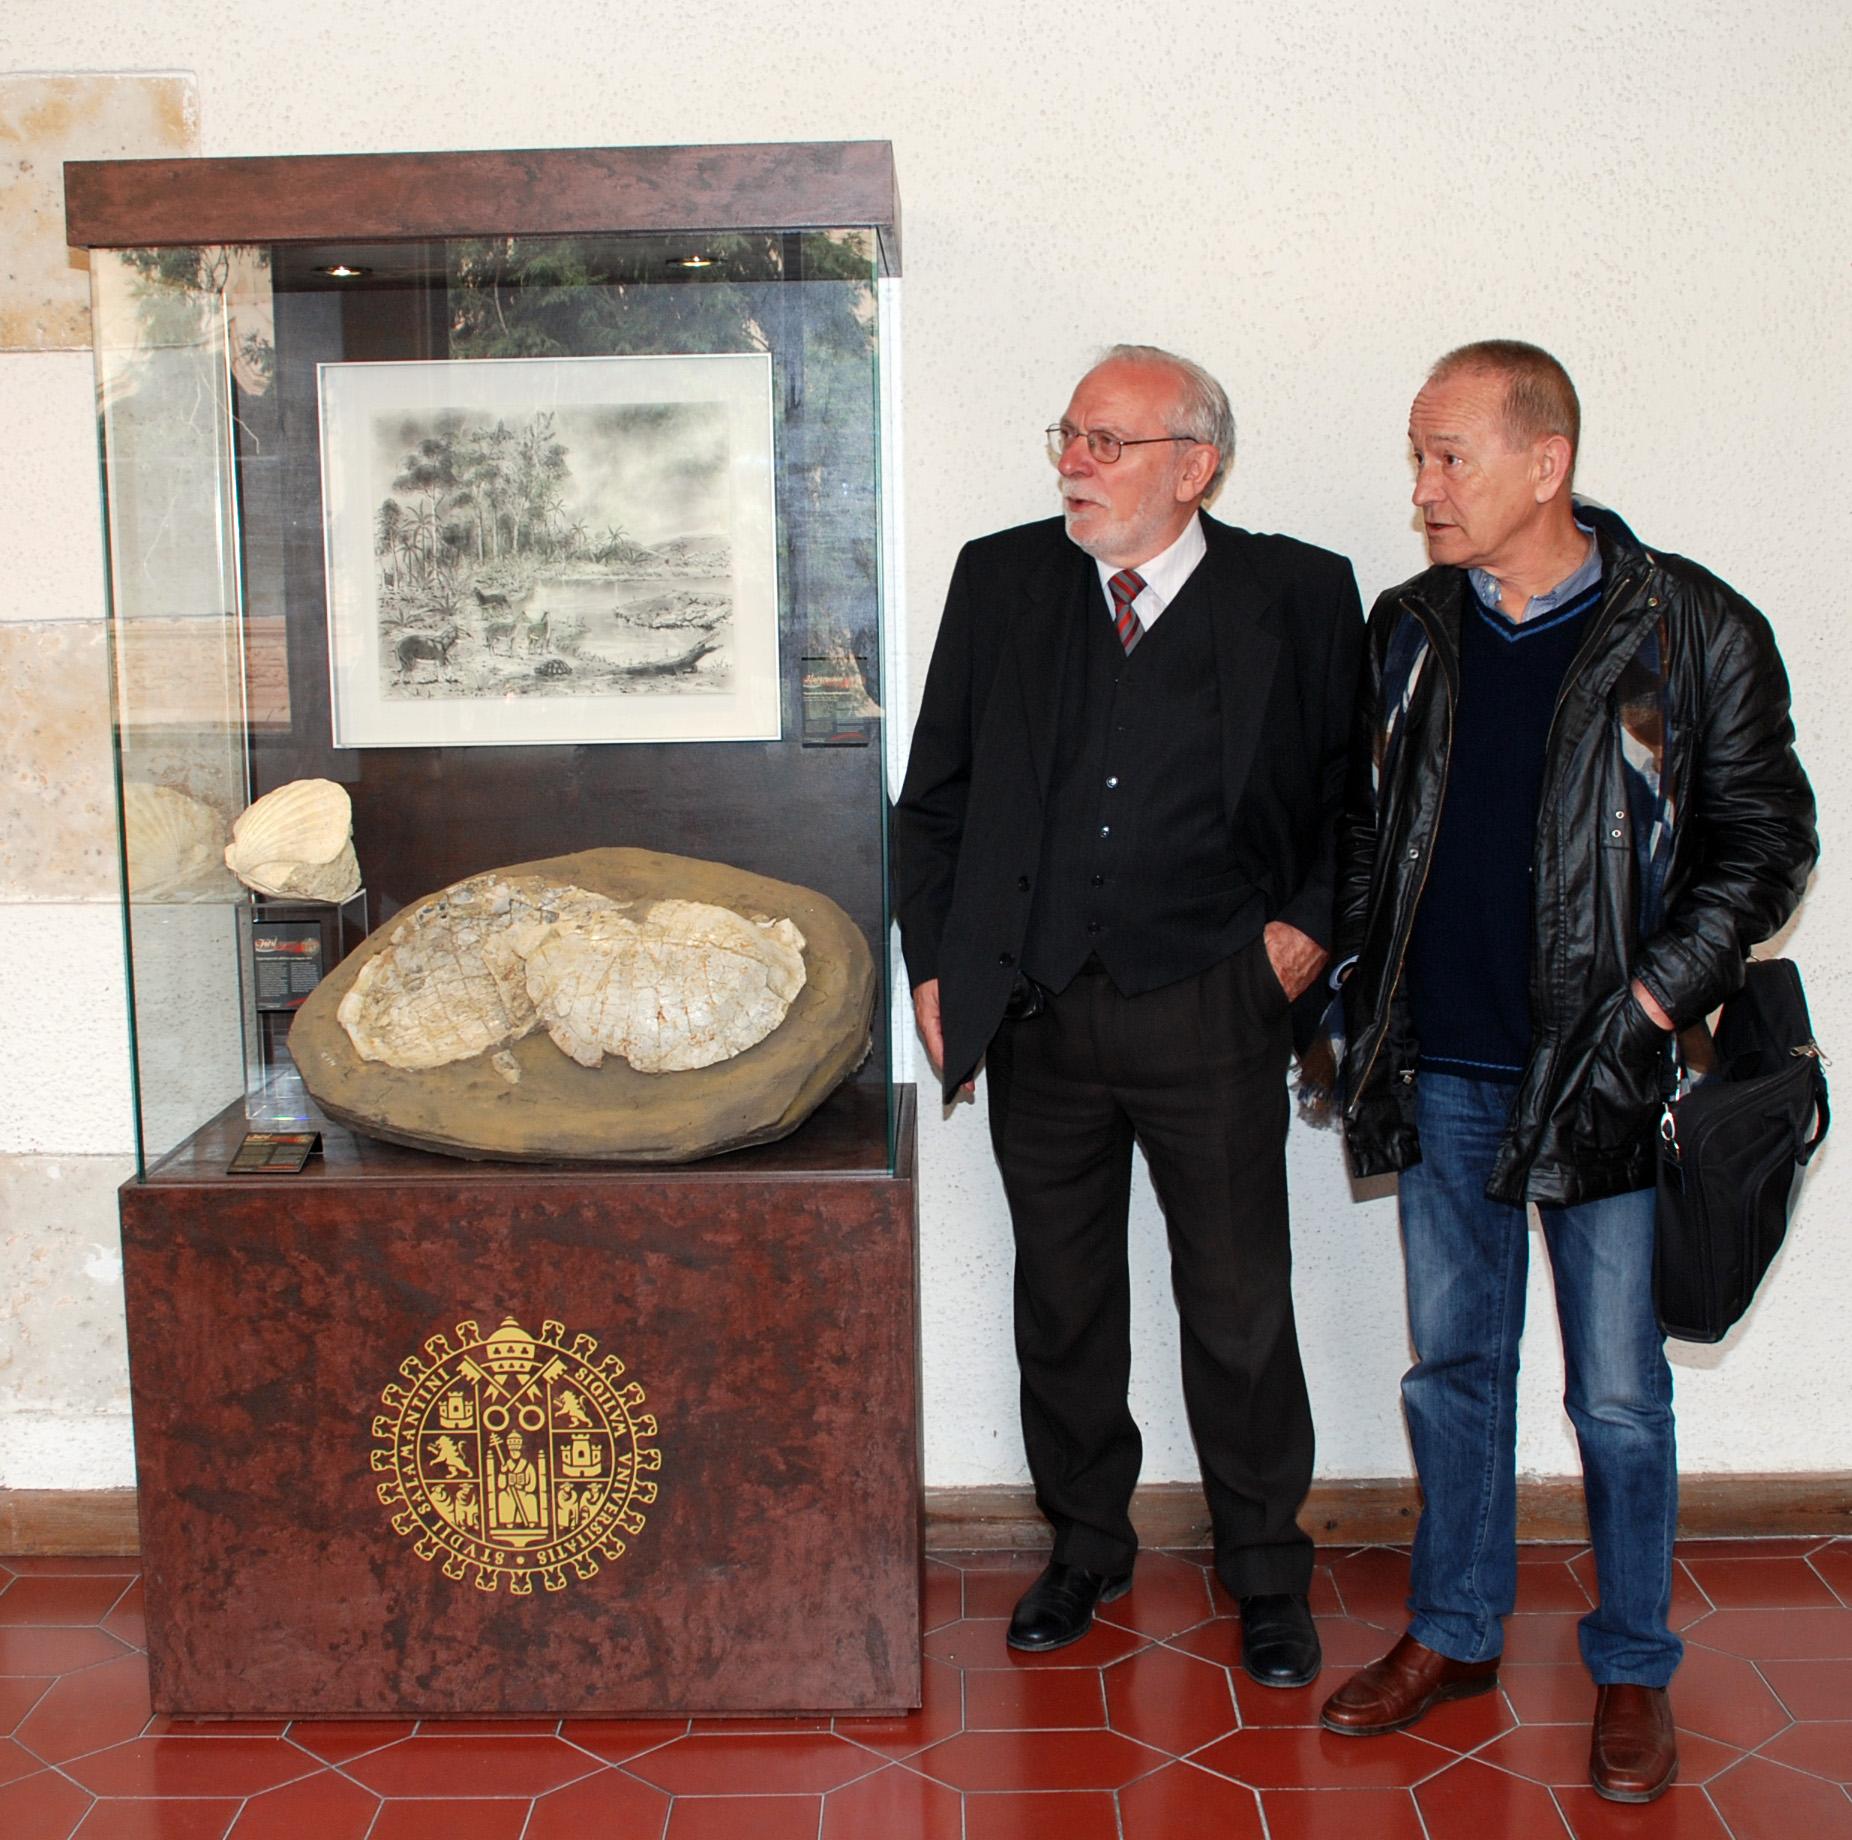 """Desde el 15 de marzo de 2012 el cuadro """"Aurora de los Tiempos Modernos"""" está colocado en la vitrina de Paleontología del Claustro Alto de la Universidad de Salamanca."""